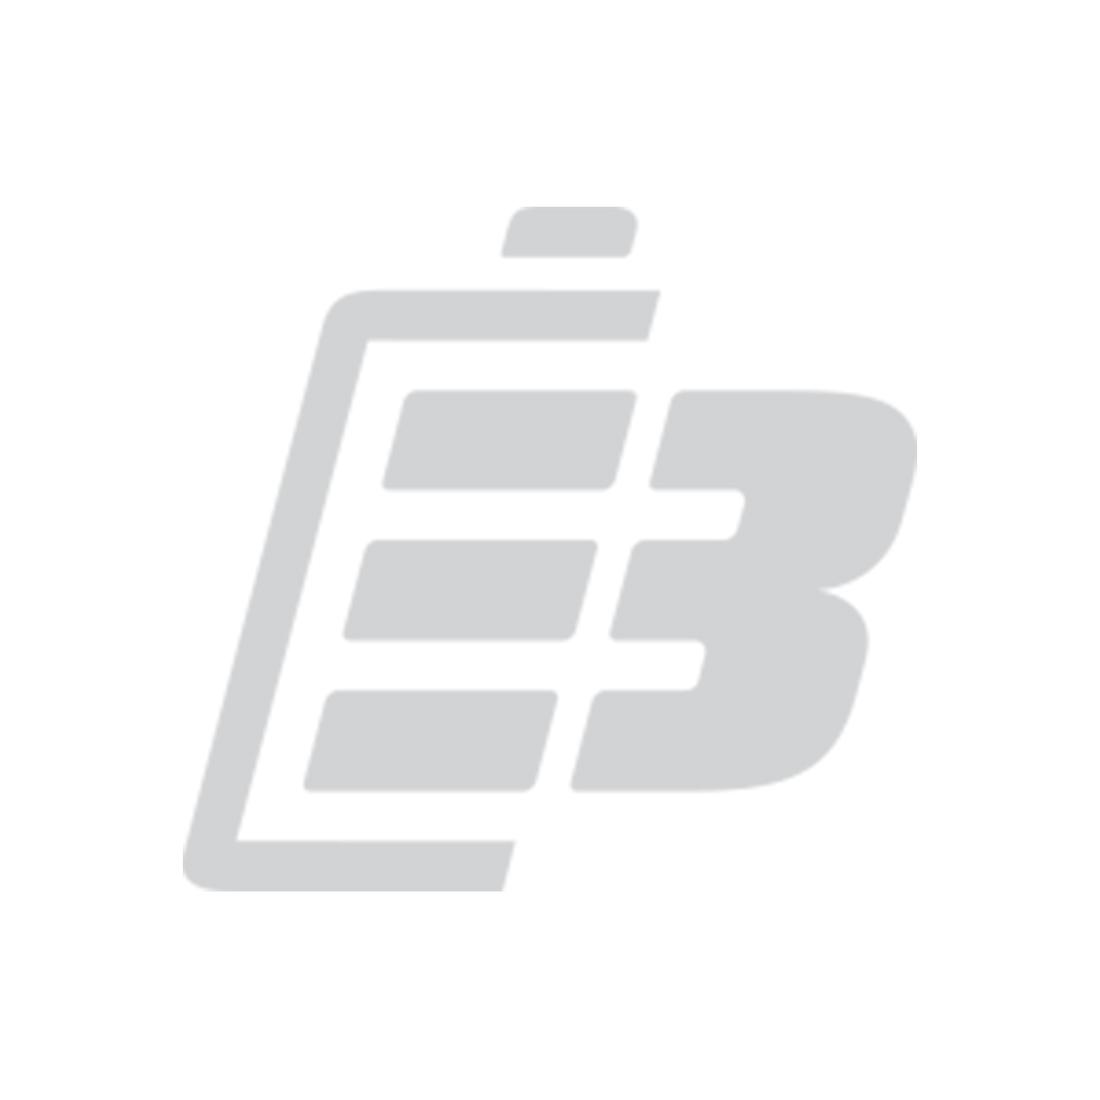 Μπαταρία κινητού τηλεφώνου Alcatel One Touch 980_1